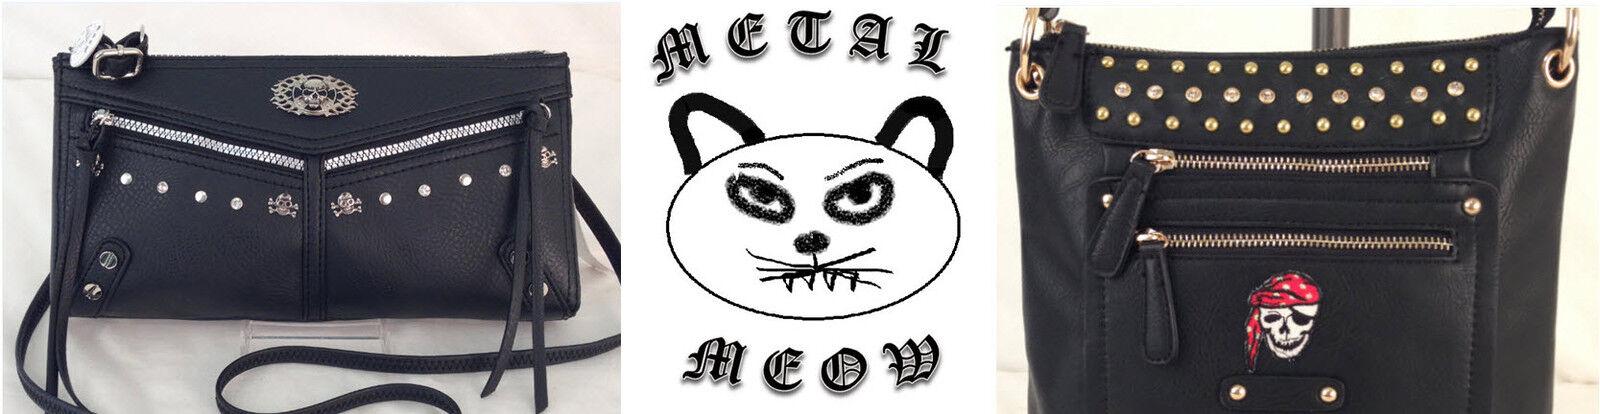 Metal Meow Bags